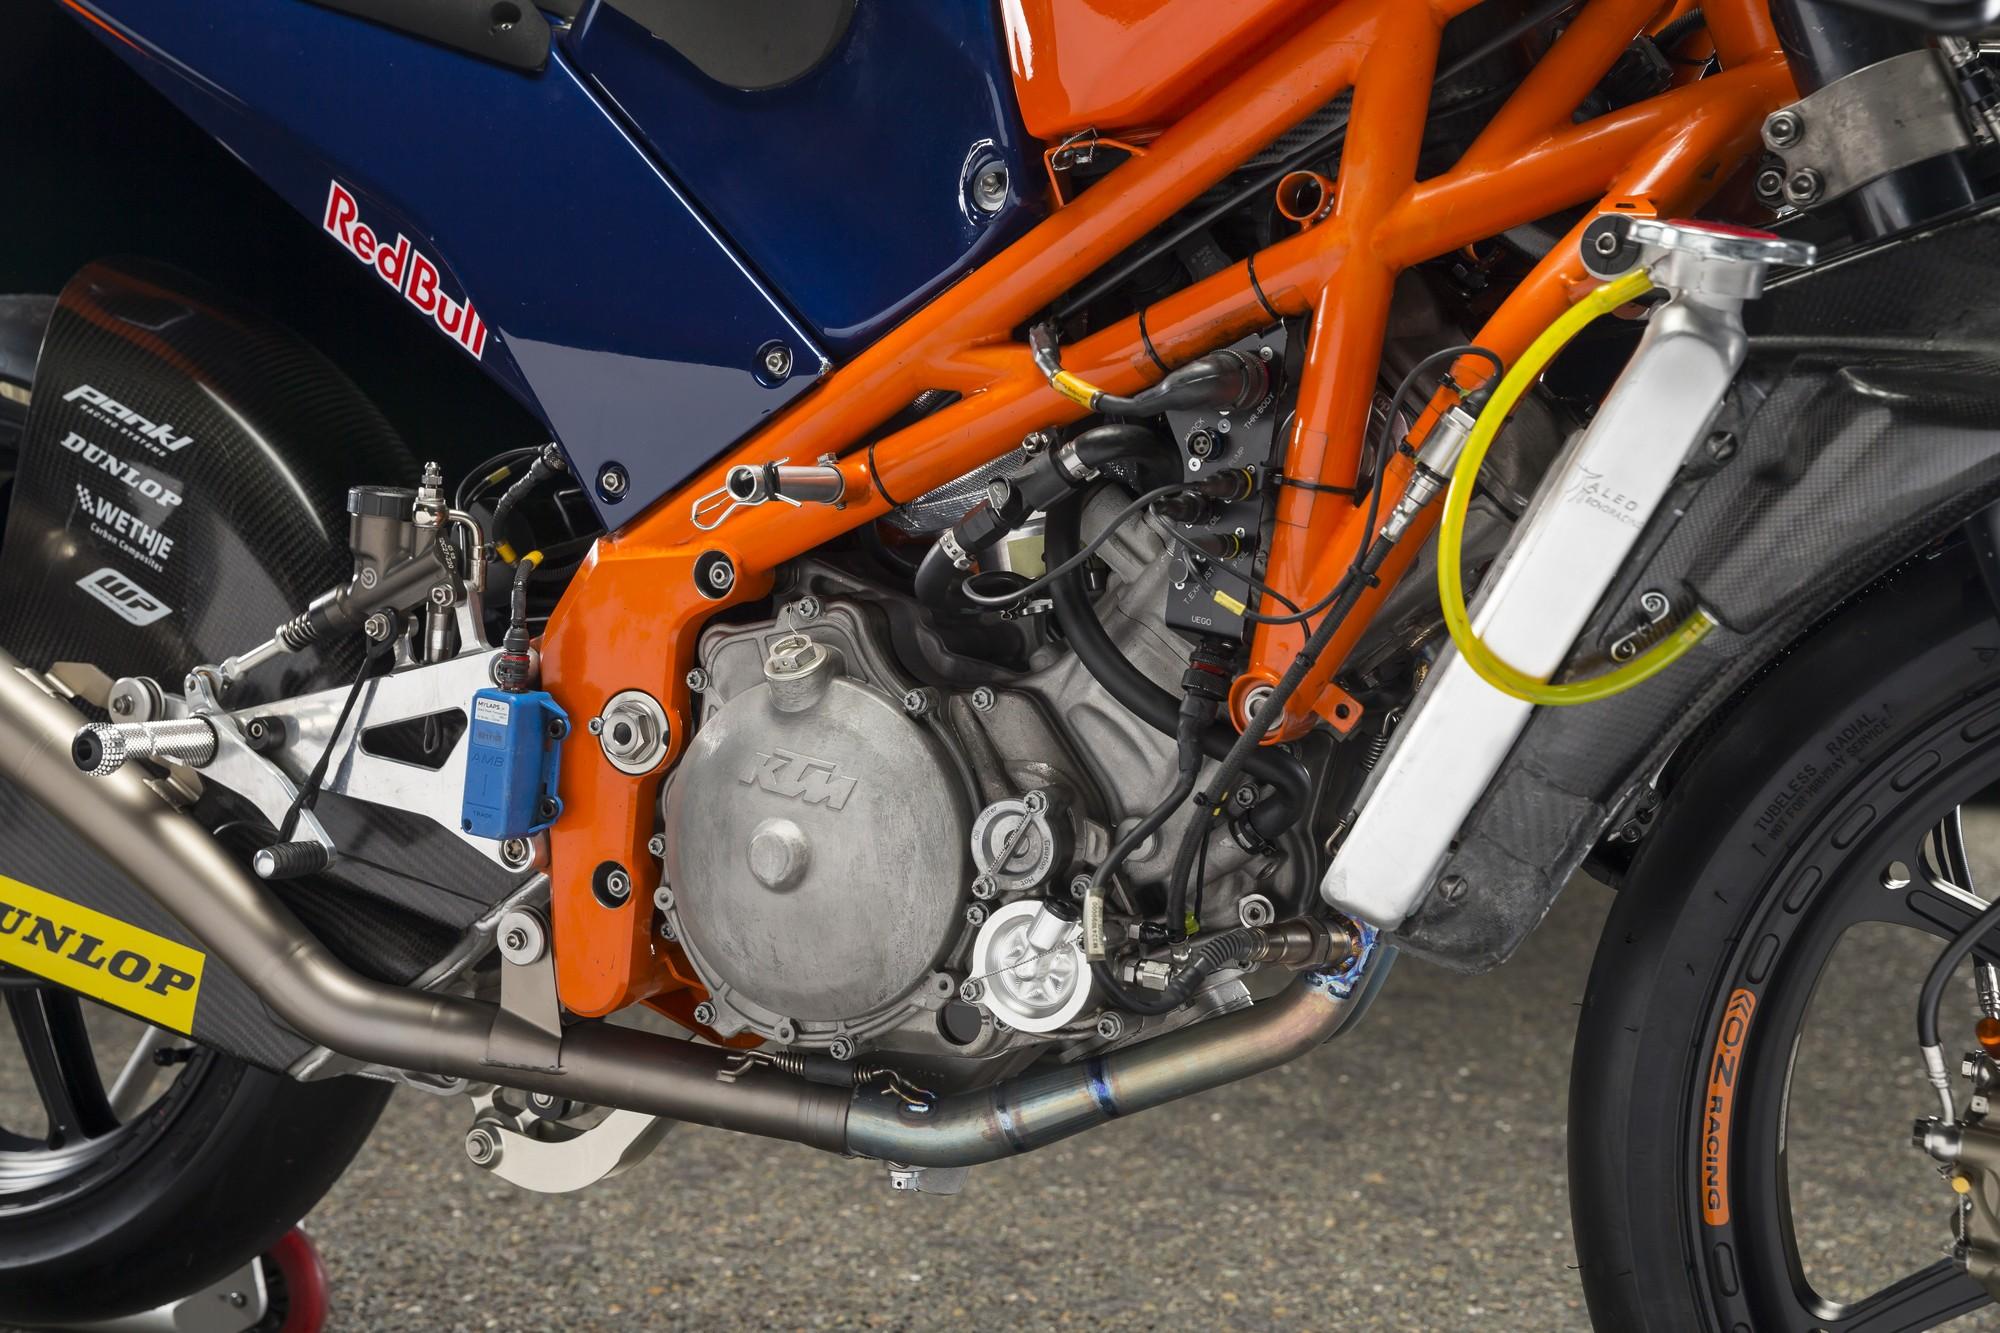 Sotto la carena il telaio a traliccio e il monocilindrico migliore della Moto3. Nessun segreto e' nascosto sotto la carena